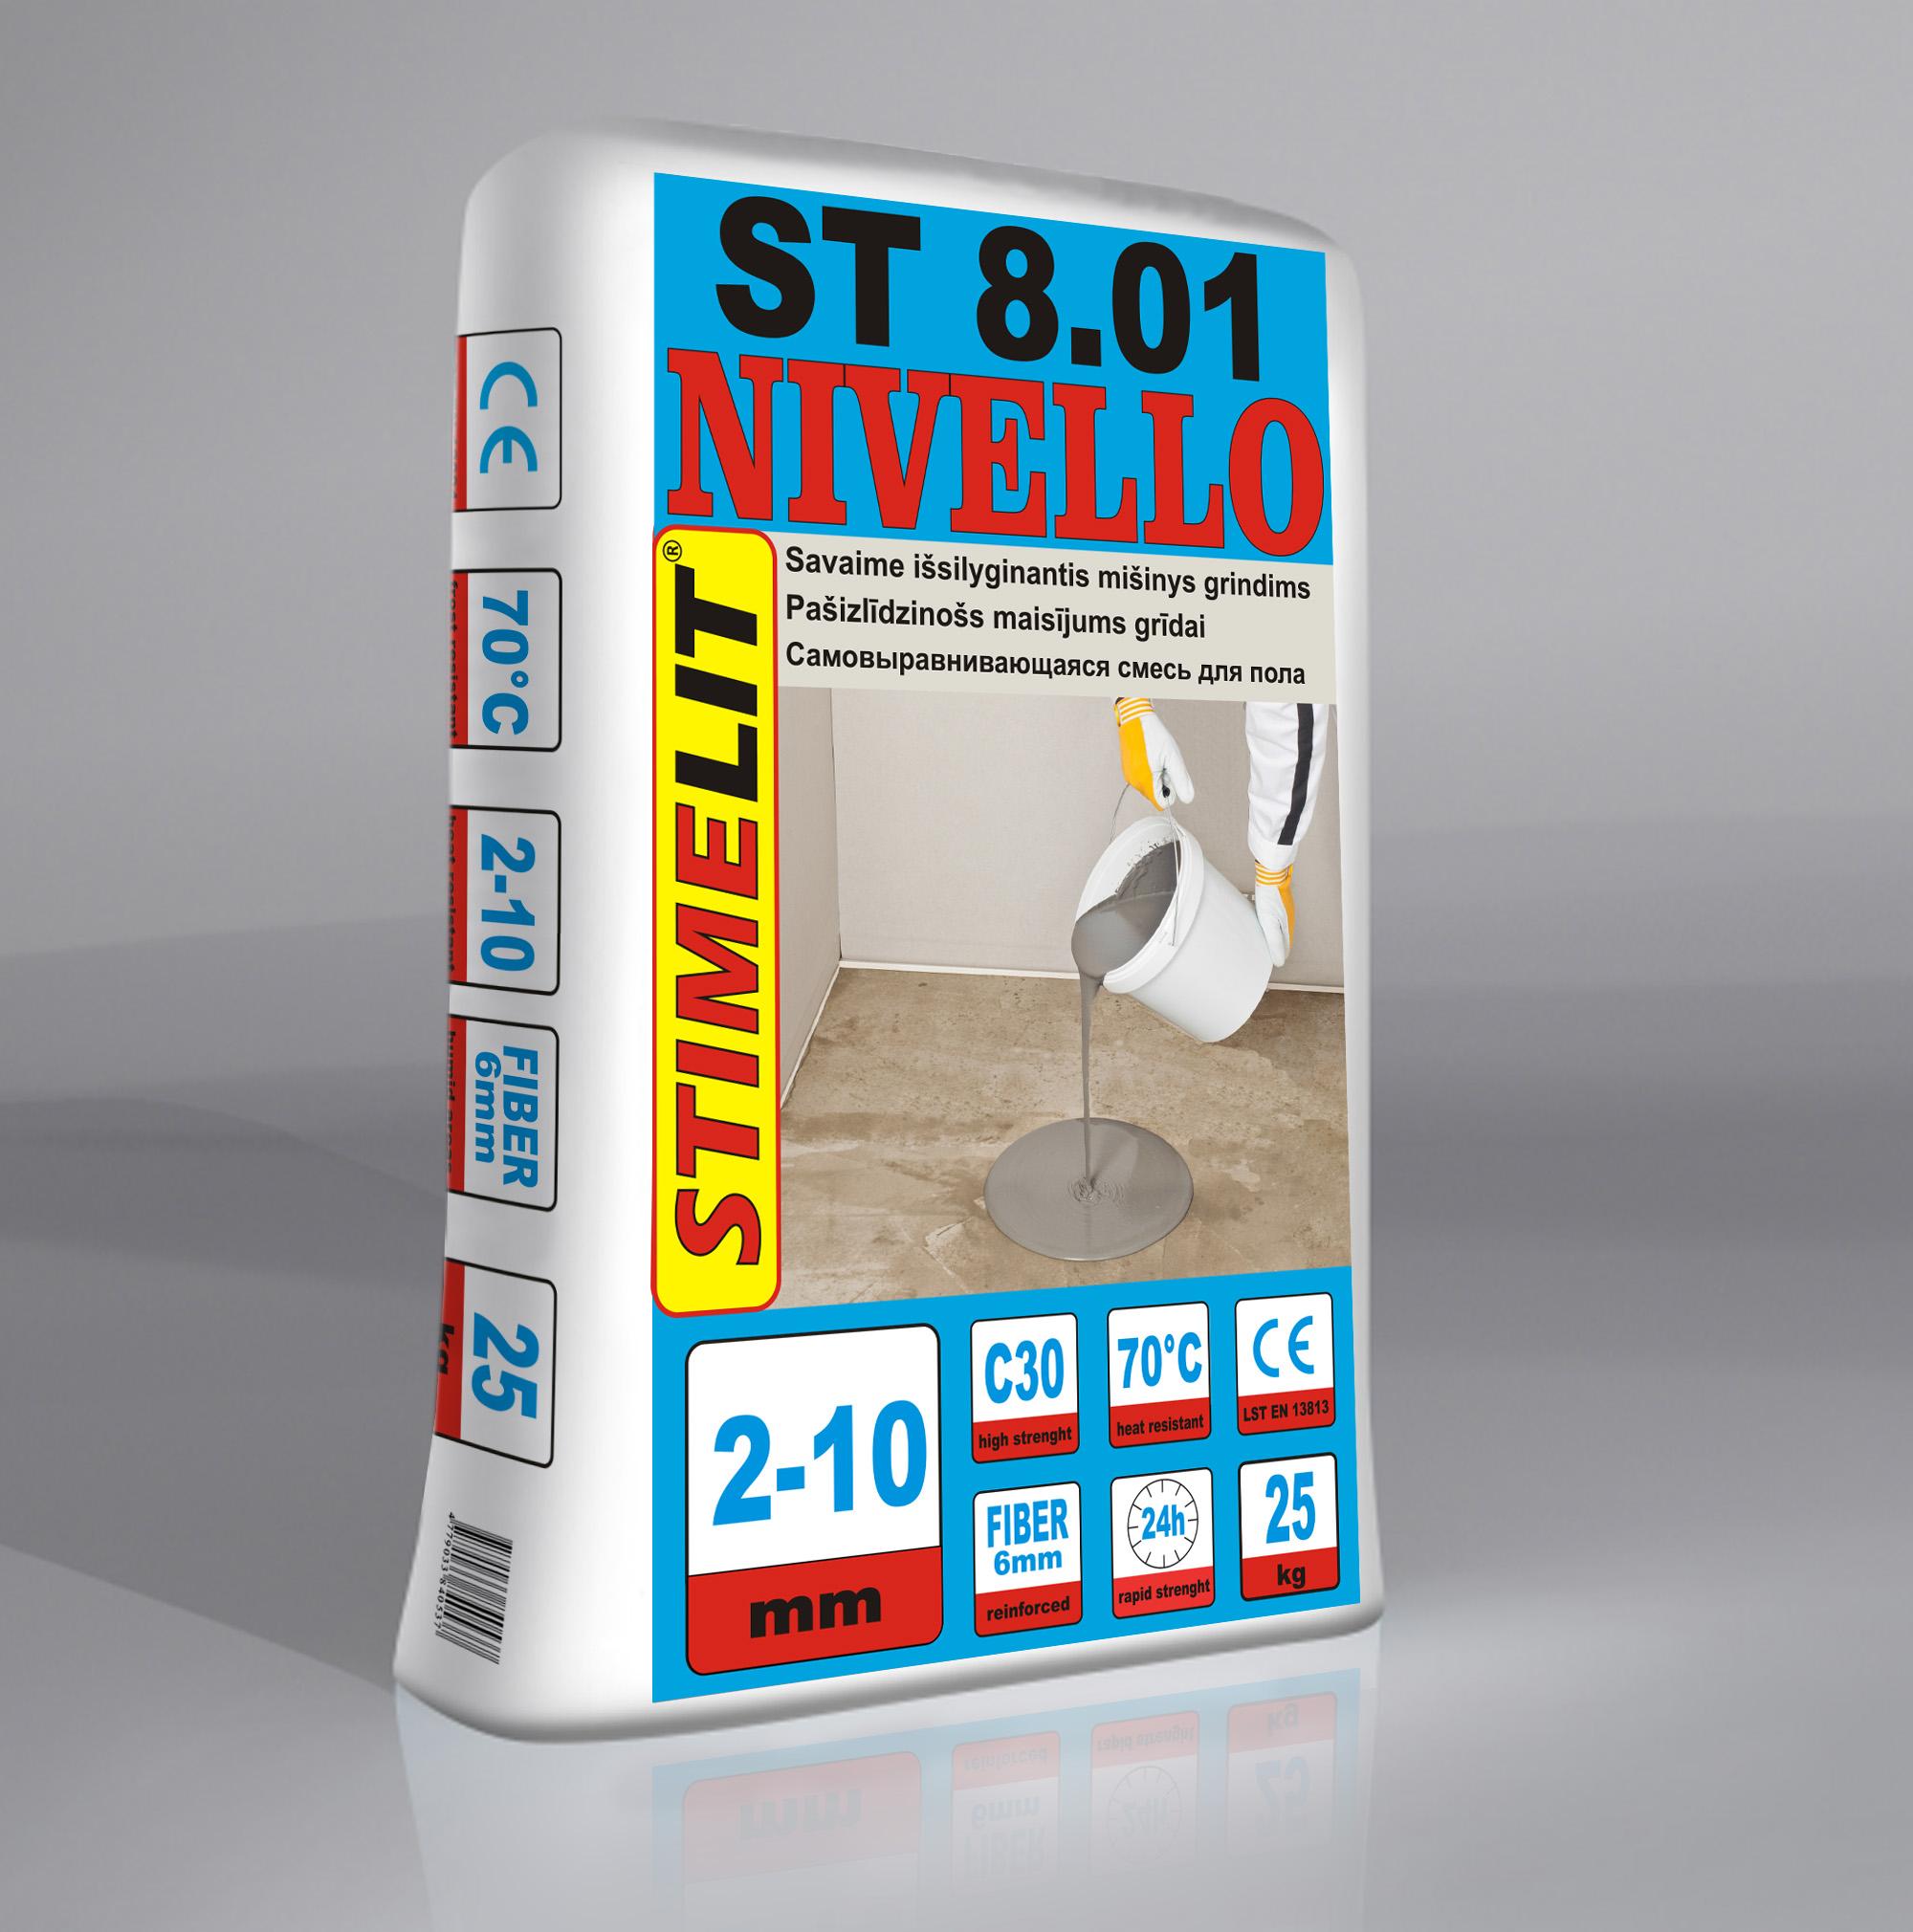 ST8.01 NIVELLO Savaime išsilyginantis grindų mišinys 2-10mm